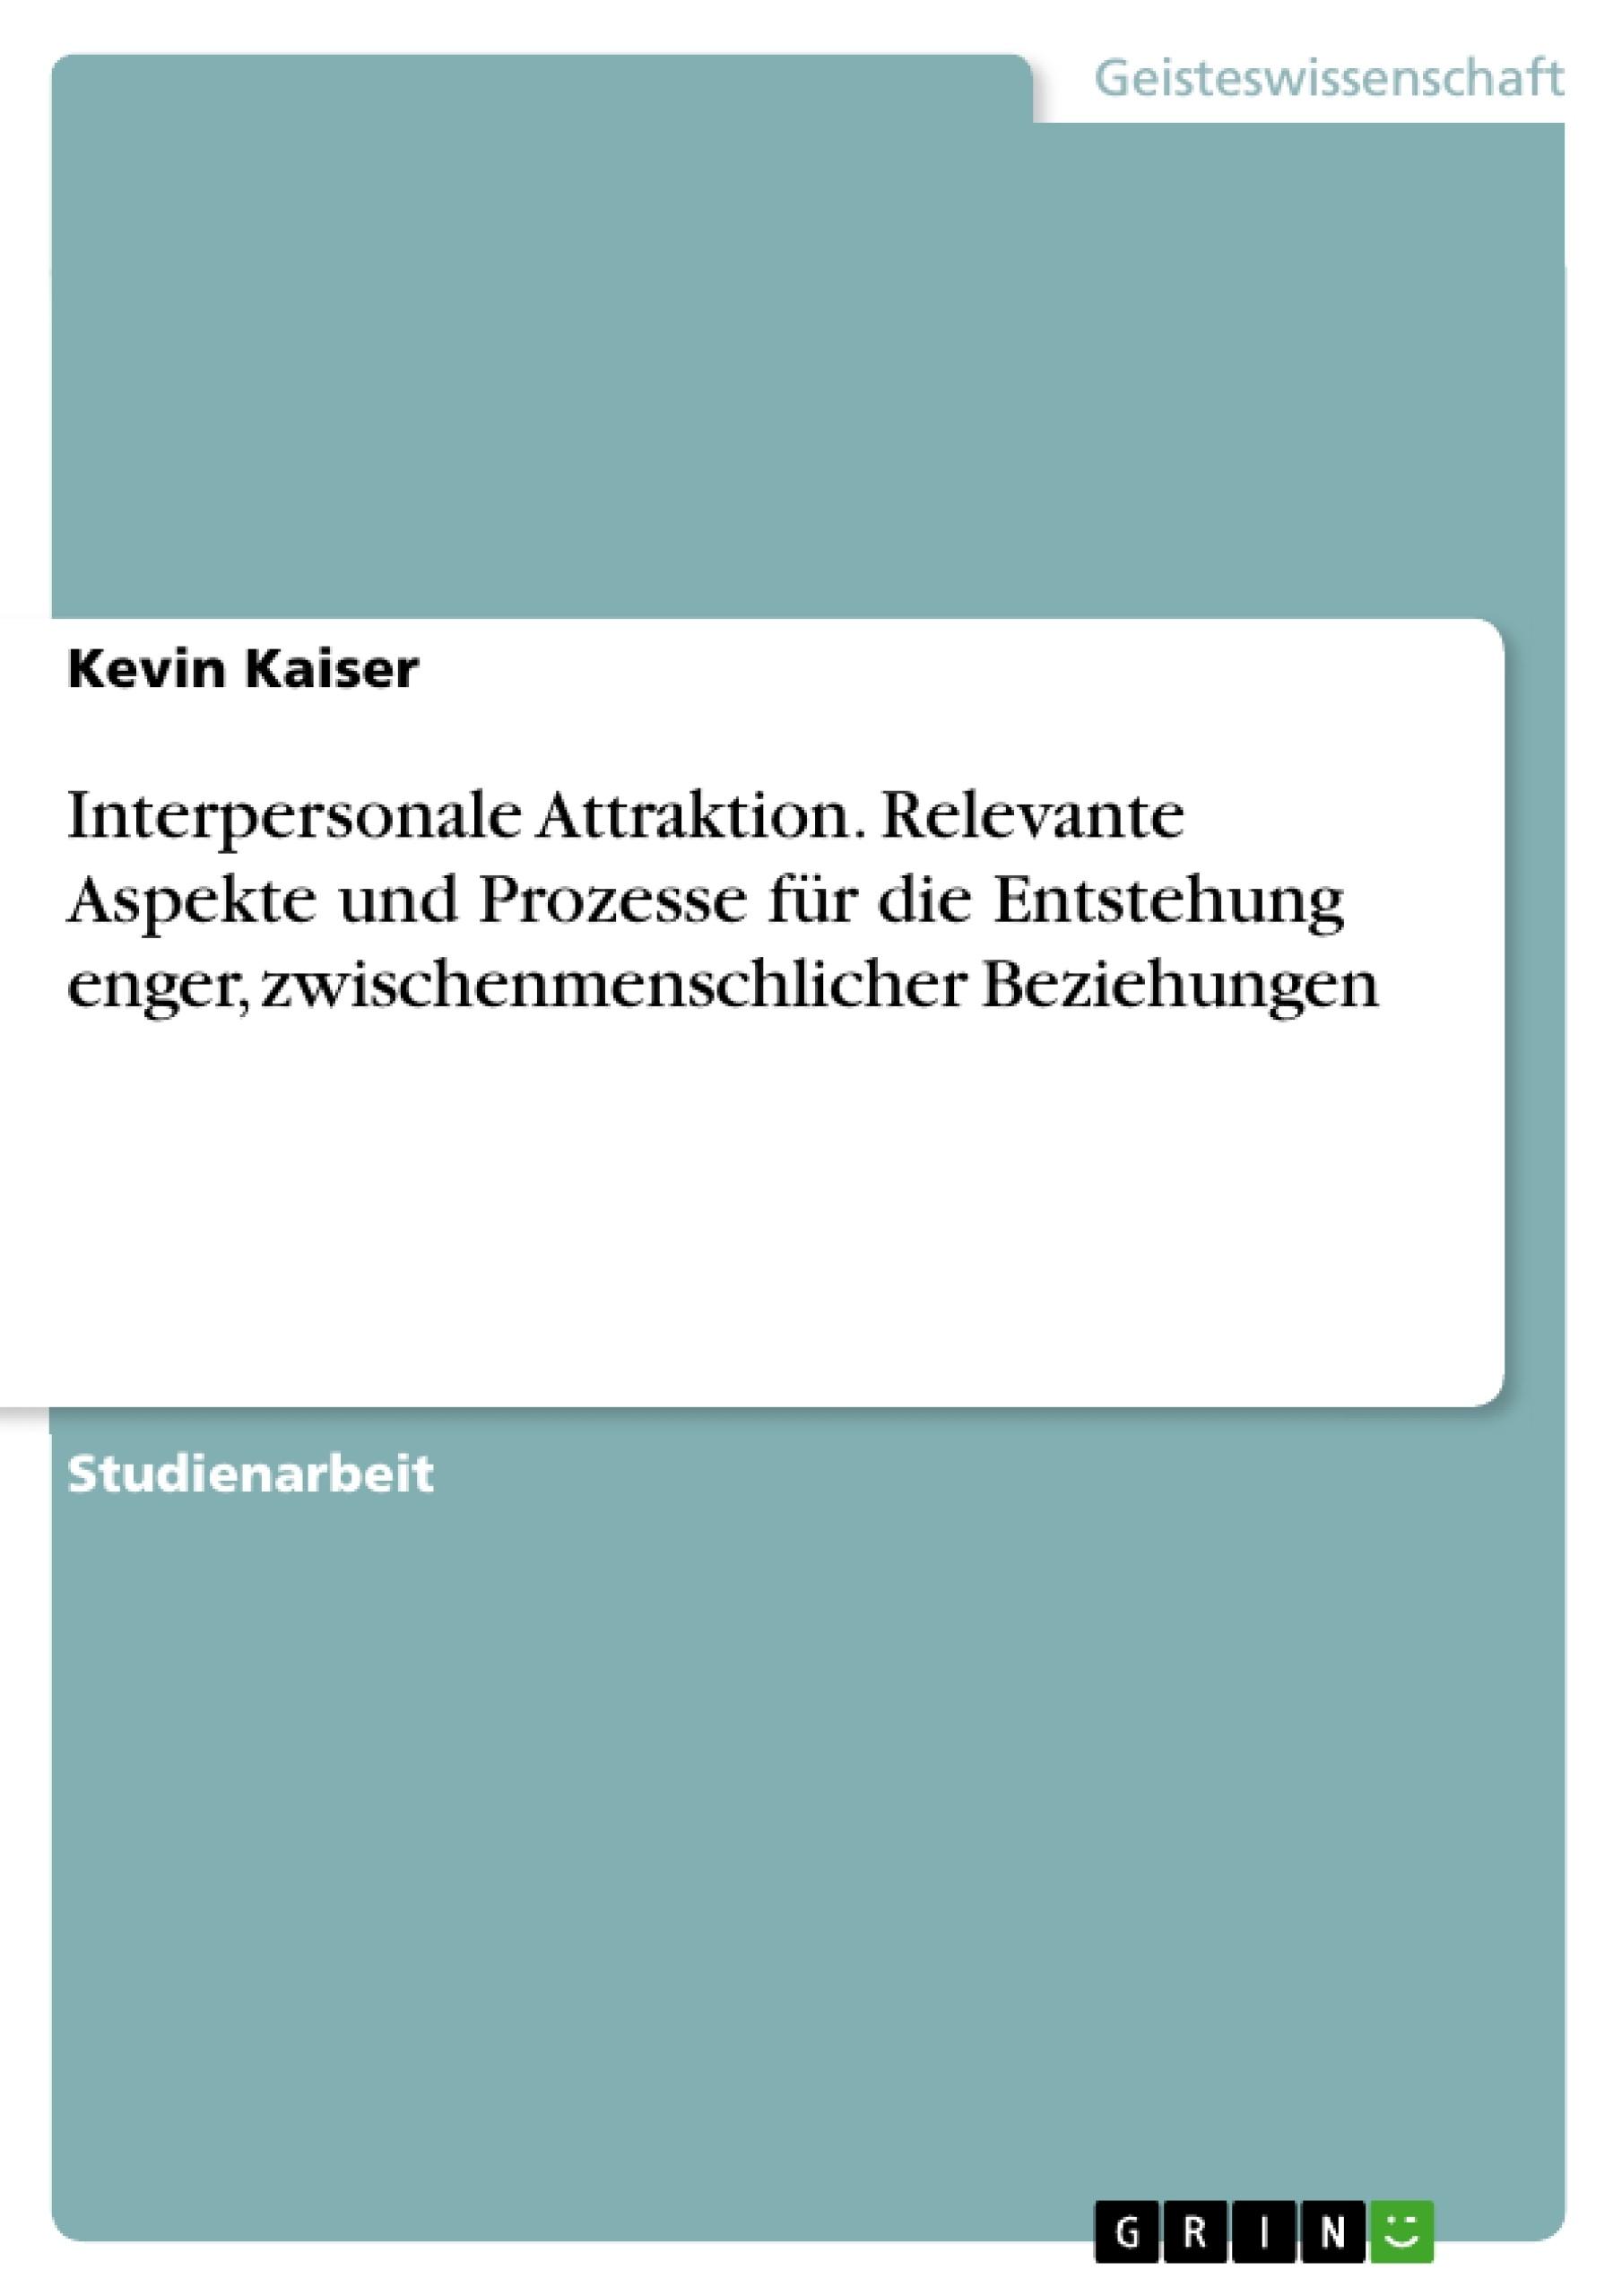 Titel: Interpersonale Attraktion. Relevante Aspekte und Prozesse für die Entstehung enger, zwischenmenschlicher Beziehungen